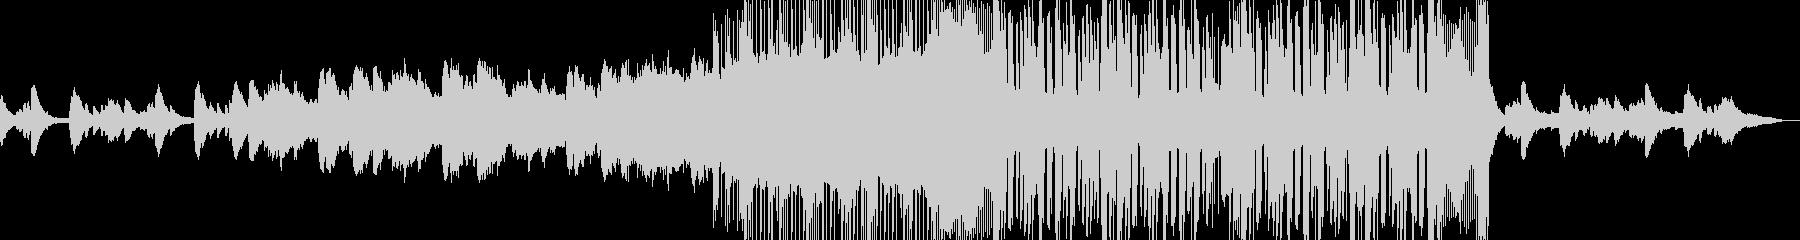 ゲーム・ミステリーな始まりのオーケストラの未再生の波形